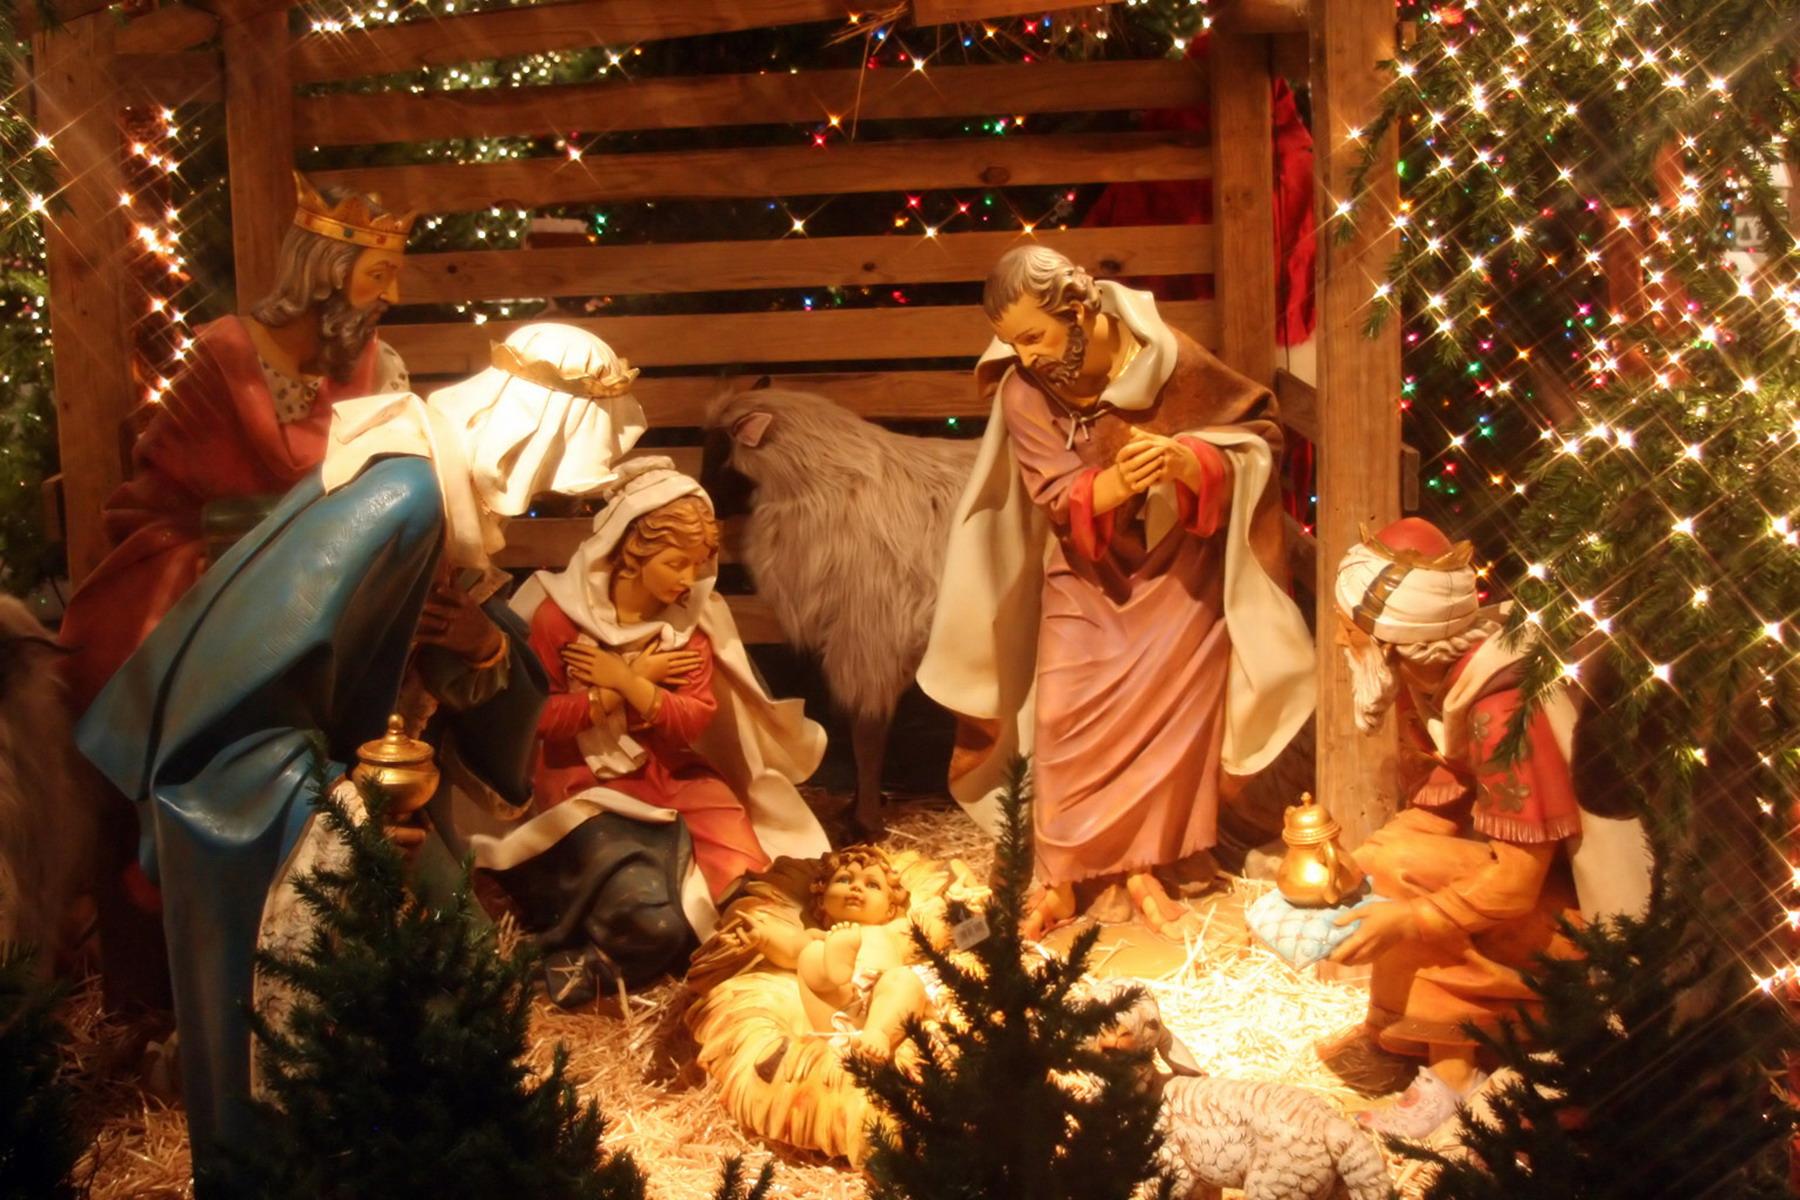 Якщо ви зробили ЦЕ на Різдво, то буде у вас лихо увесь рік. Що обов'язково треба оминати 7 січня (ВІДЕО)